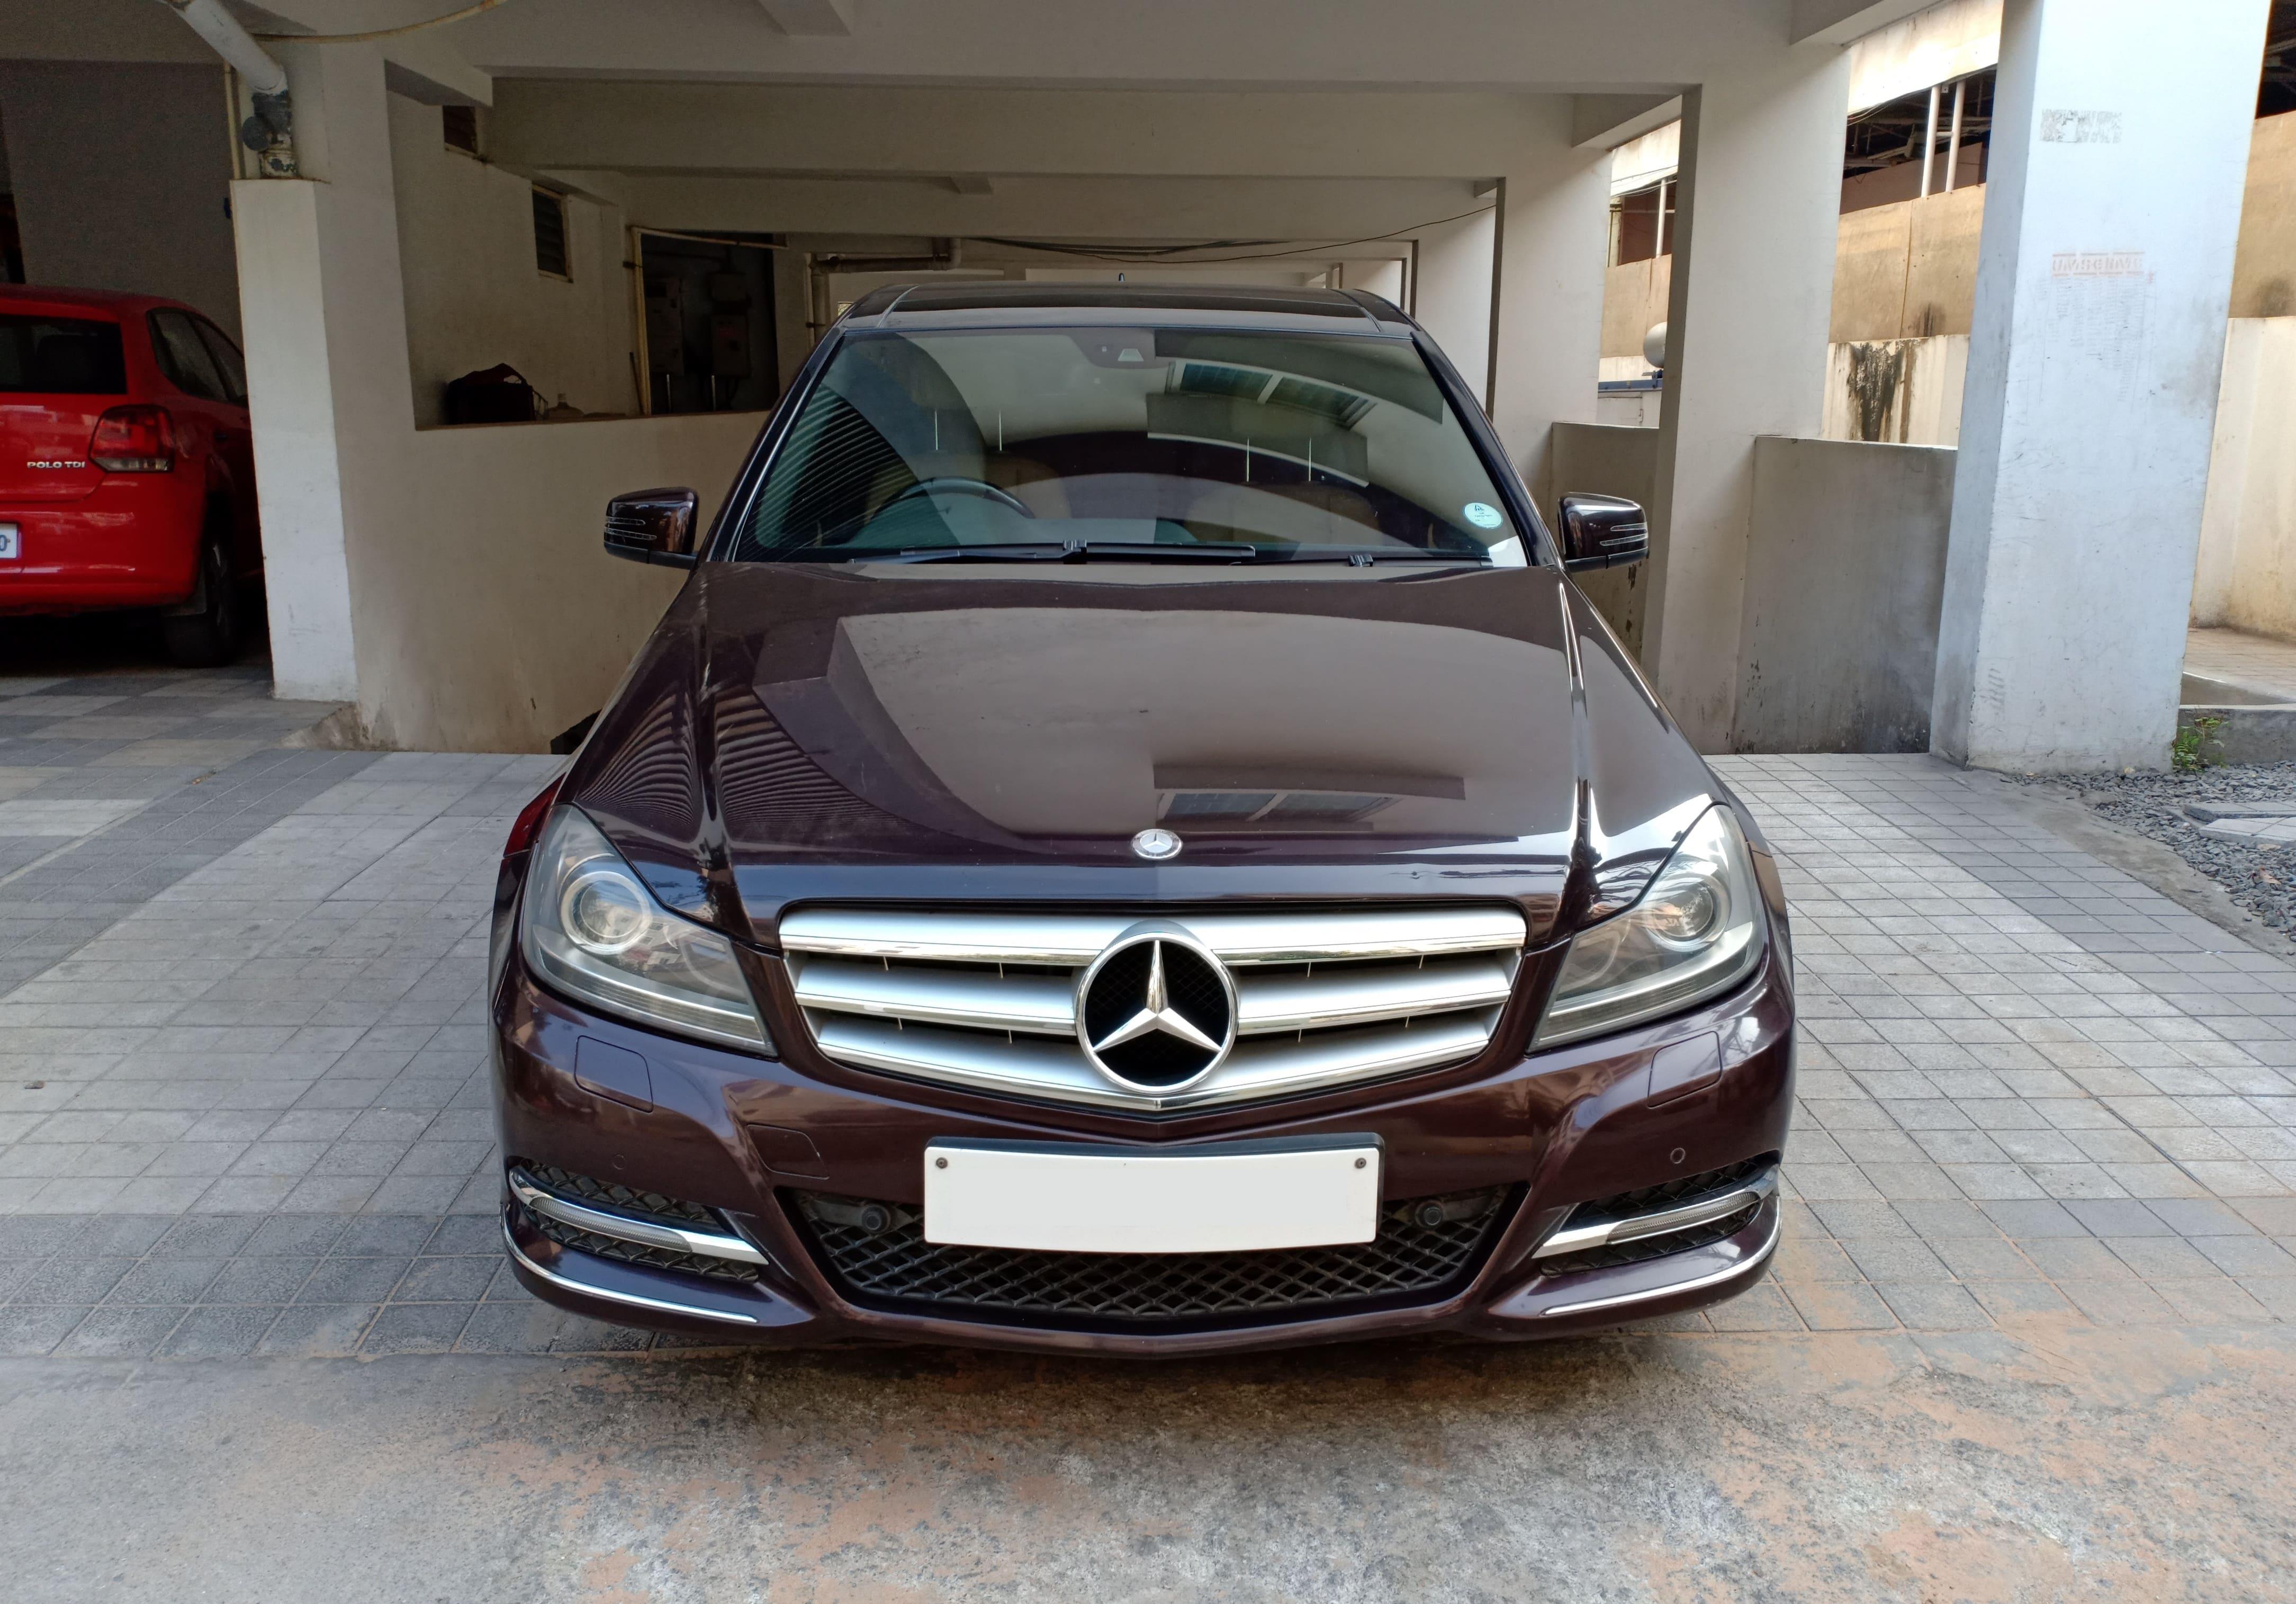 Mercedes-Benz New C-Class C 220 CDI BE Avantgare